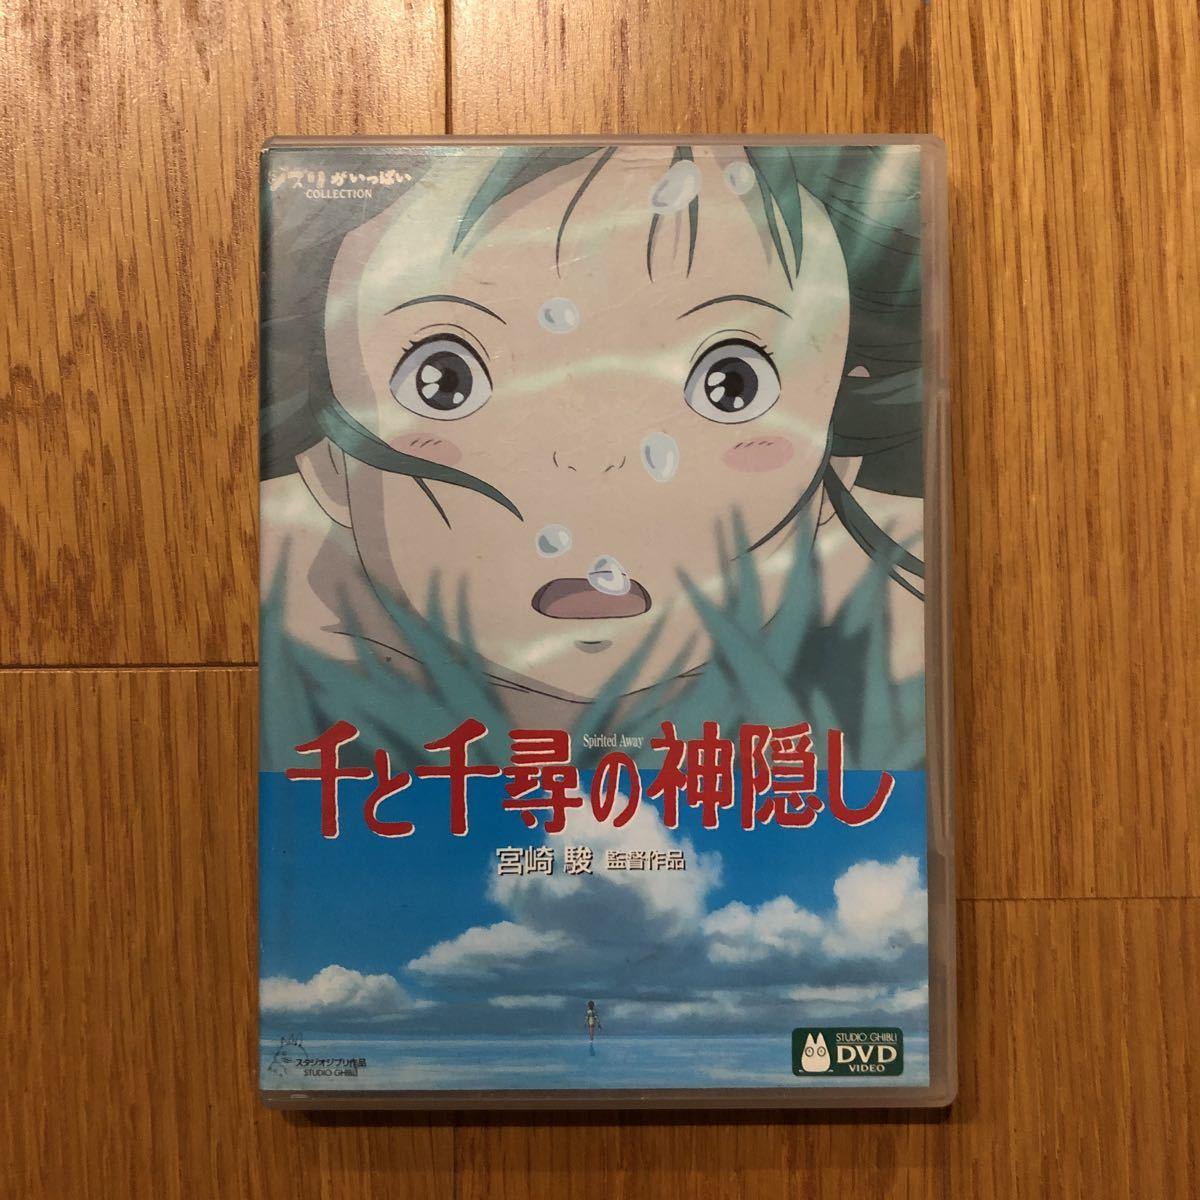 ジブリがいっぱい 映画 DVD 千と千尋の神隠し スタジオジブリ 宮崎駿